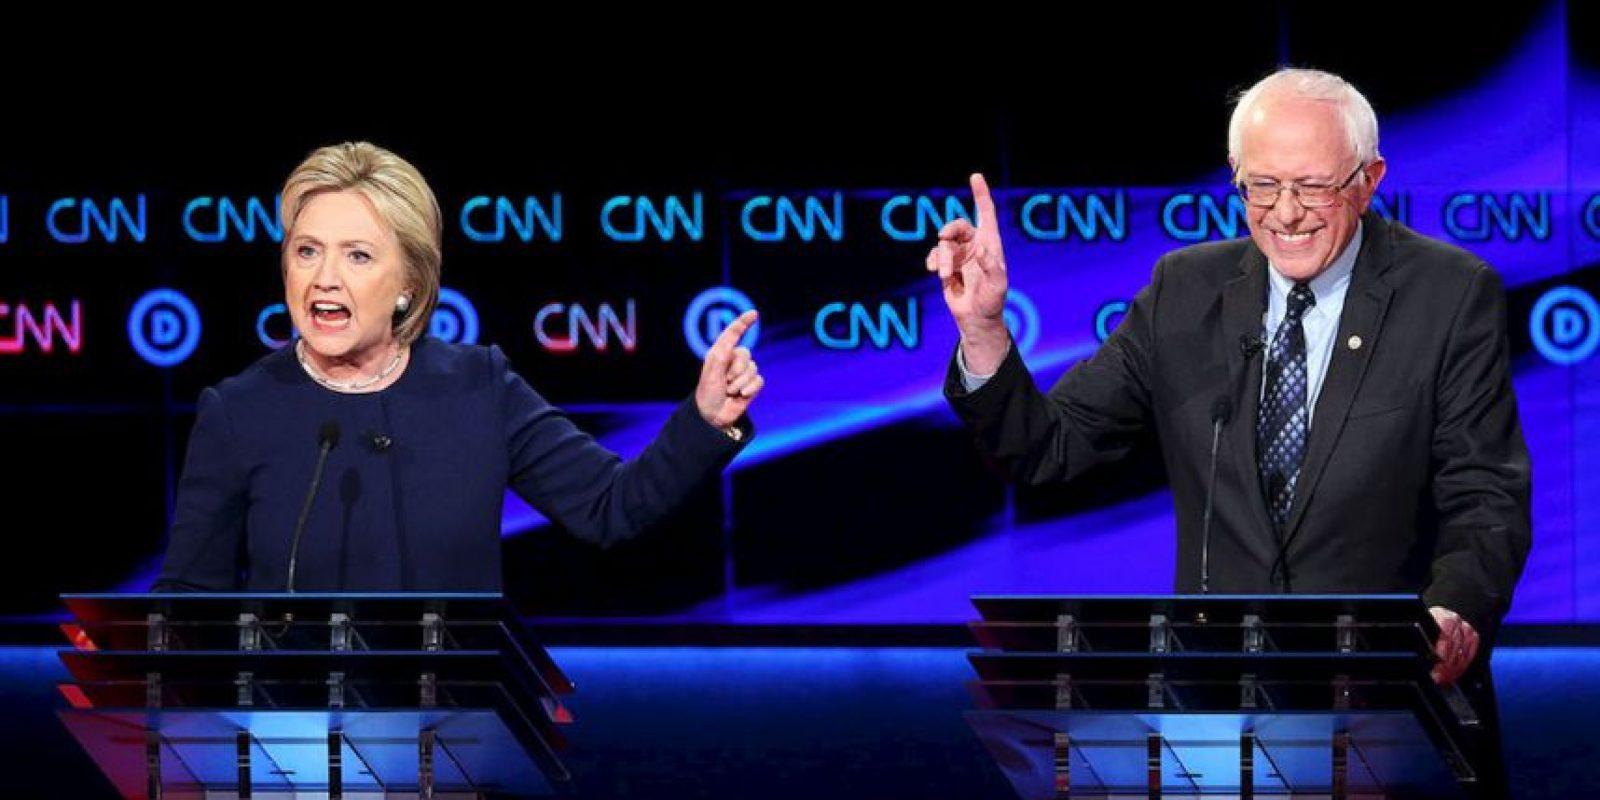 Durante la Convención Nacional Demócrata, Hillary Clinton tratará de obtener los votos que su principal contrincante, el senador Bernie Sanders había logrado durante su campaña. Foto:Getty Images